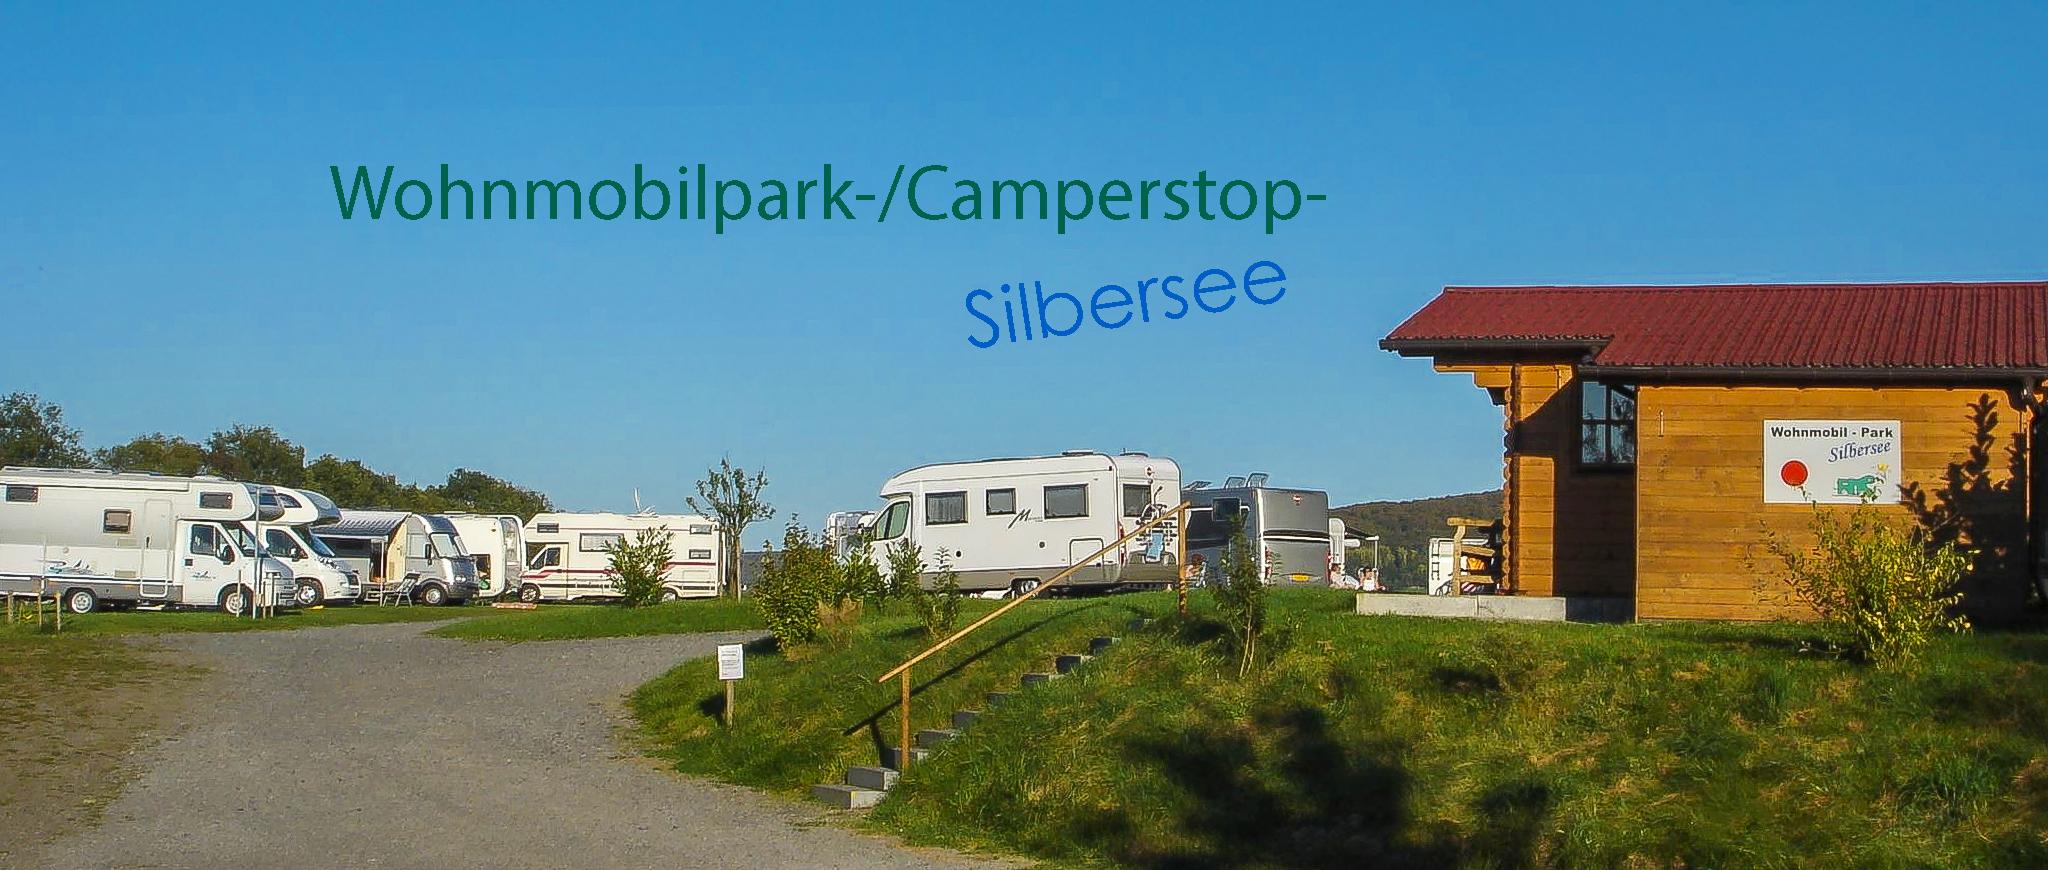 Wohnmobilpark-Silbersee in Frielendorf